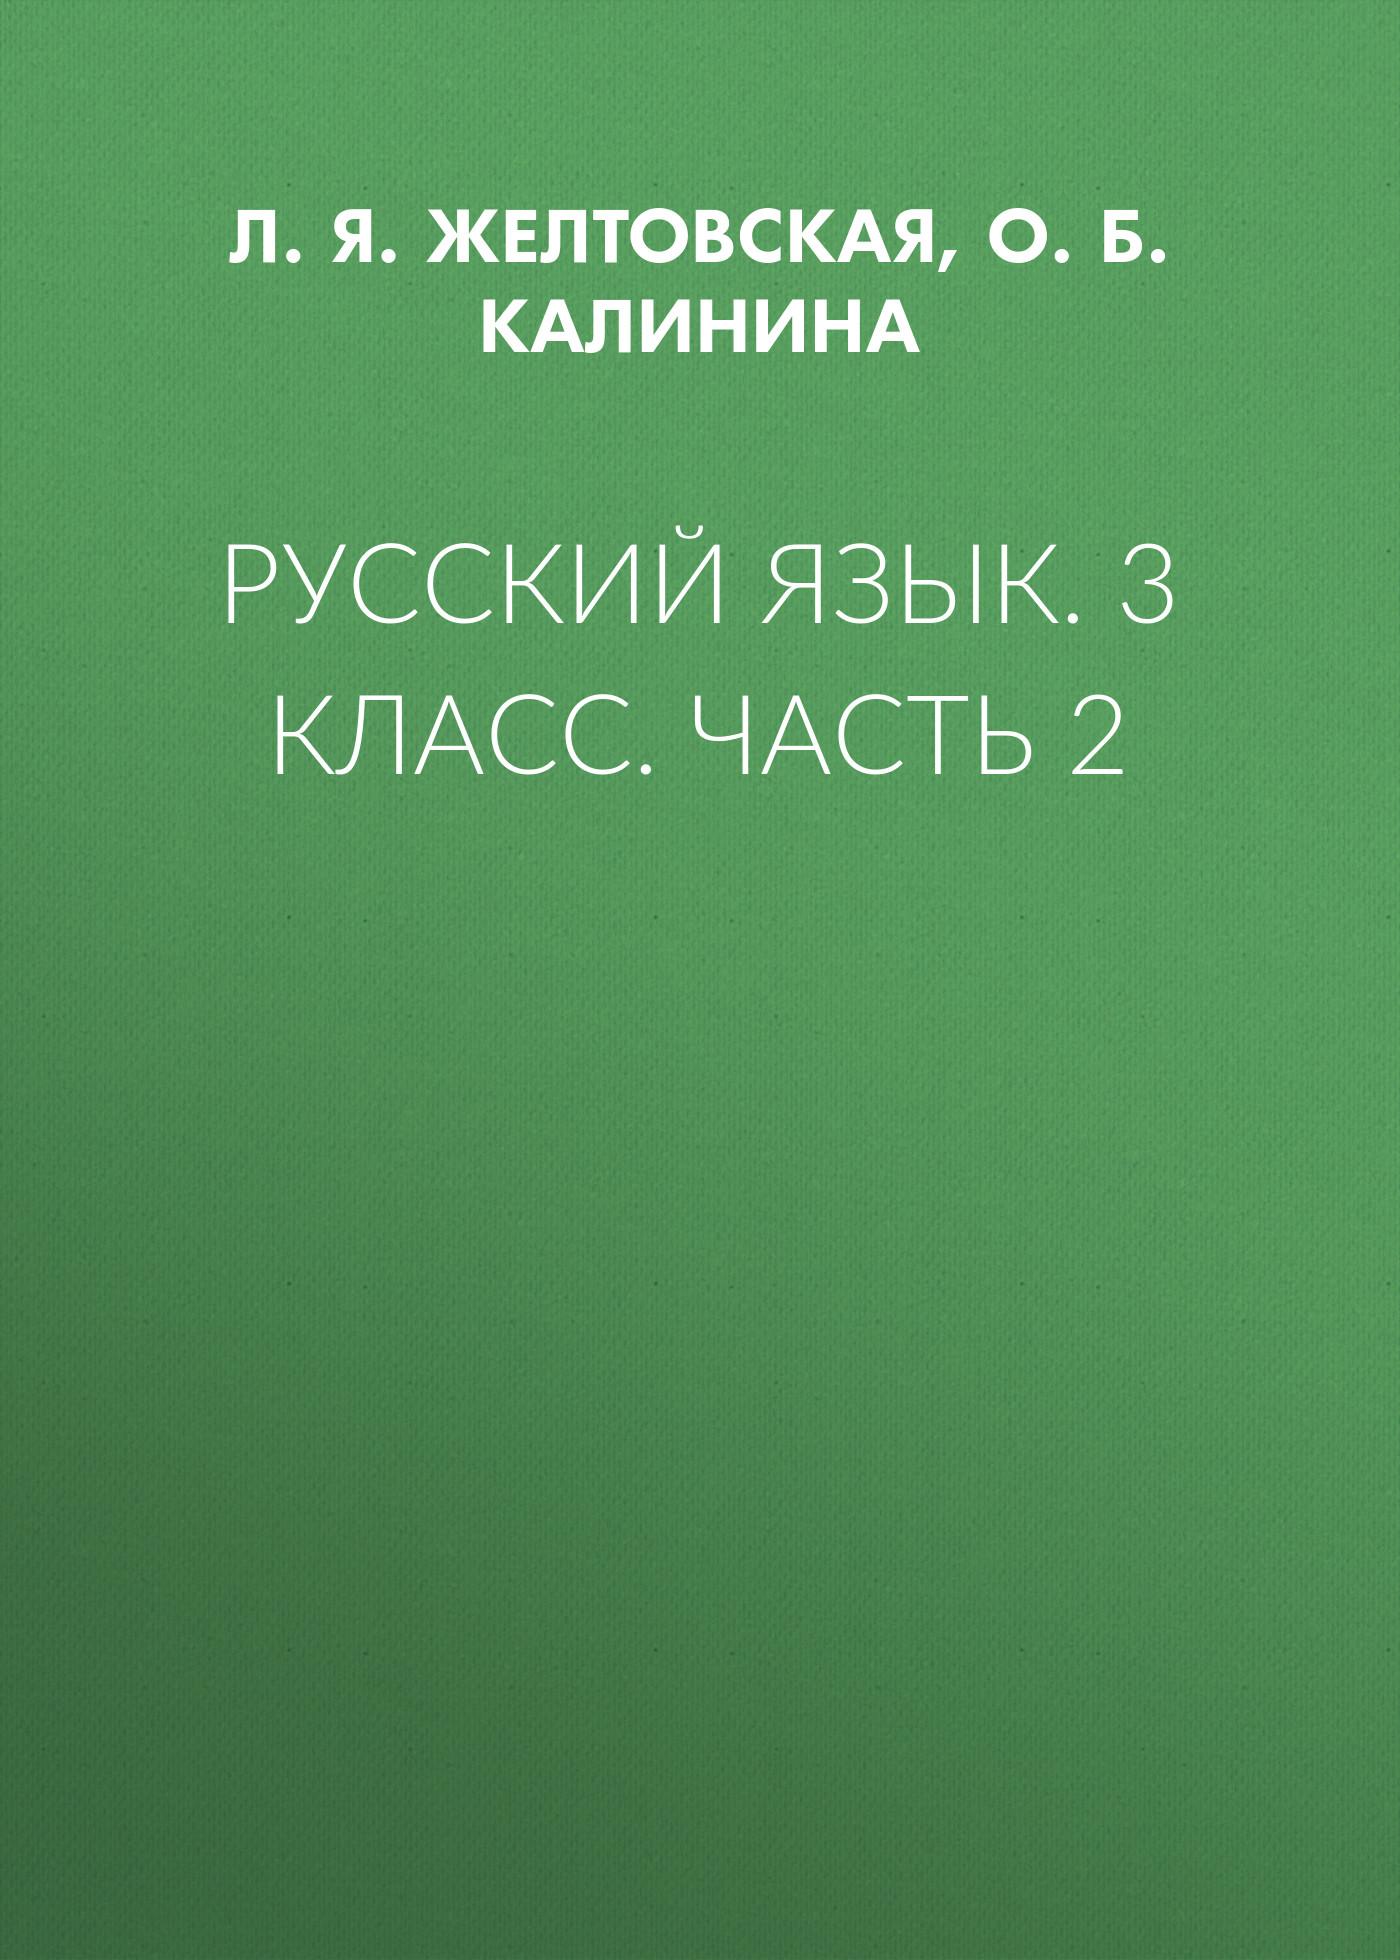 цена Л. Я. Желтовская Русский язык. 3 класс. Часть 2